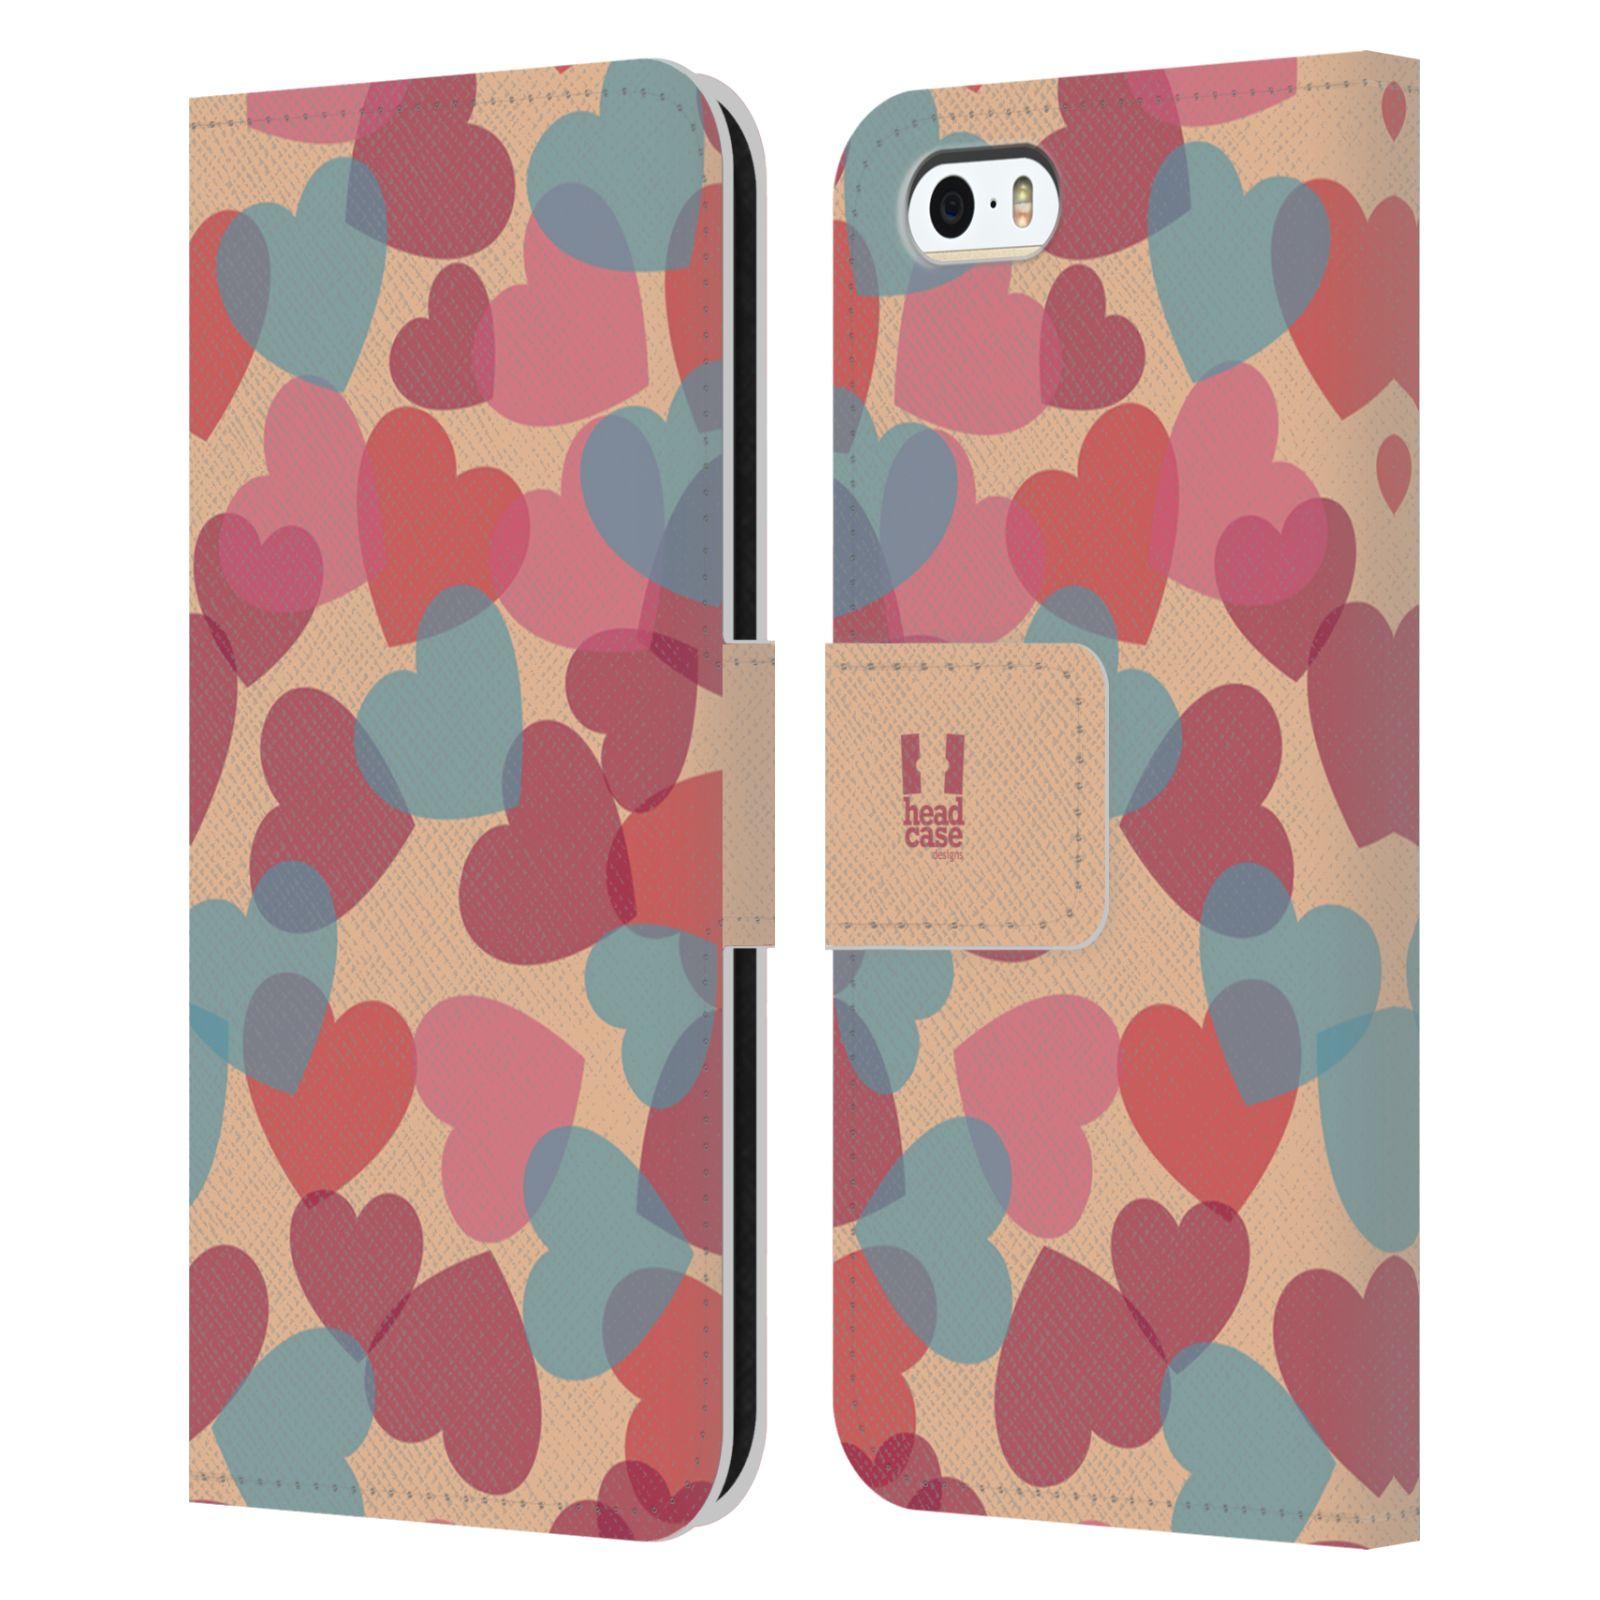 HEAD CASE Flipové pouzdro pro mobil Apple Iphone 5/5s vzor prolínající se srdíčka, srdce, láska, růžová